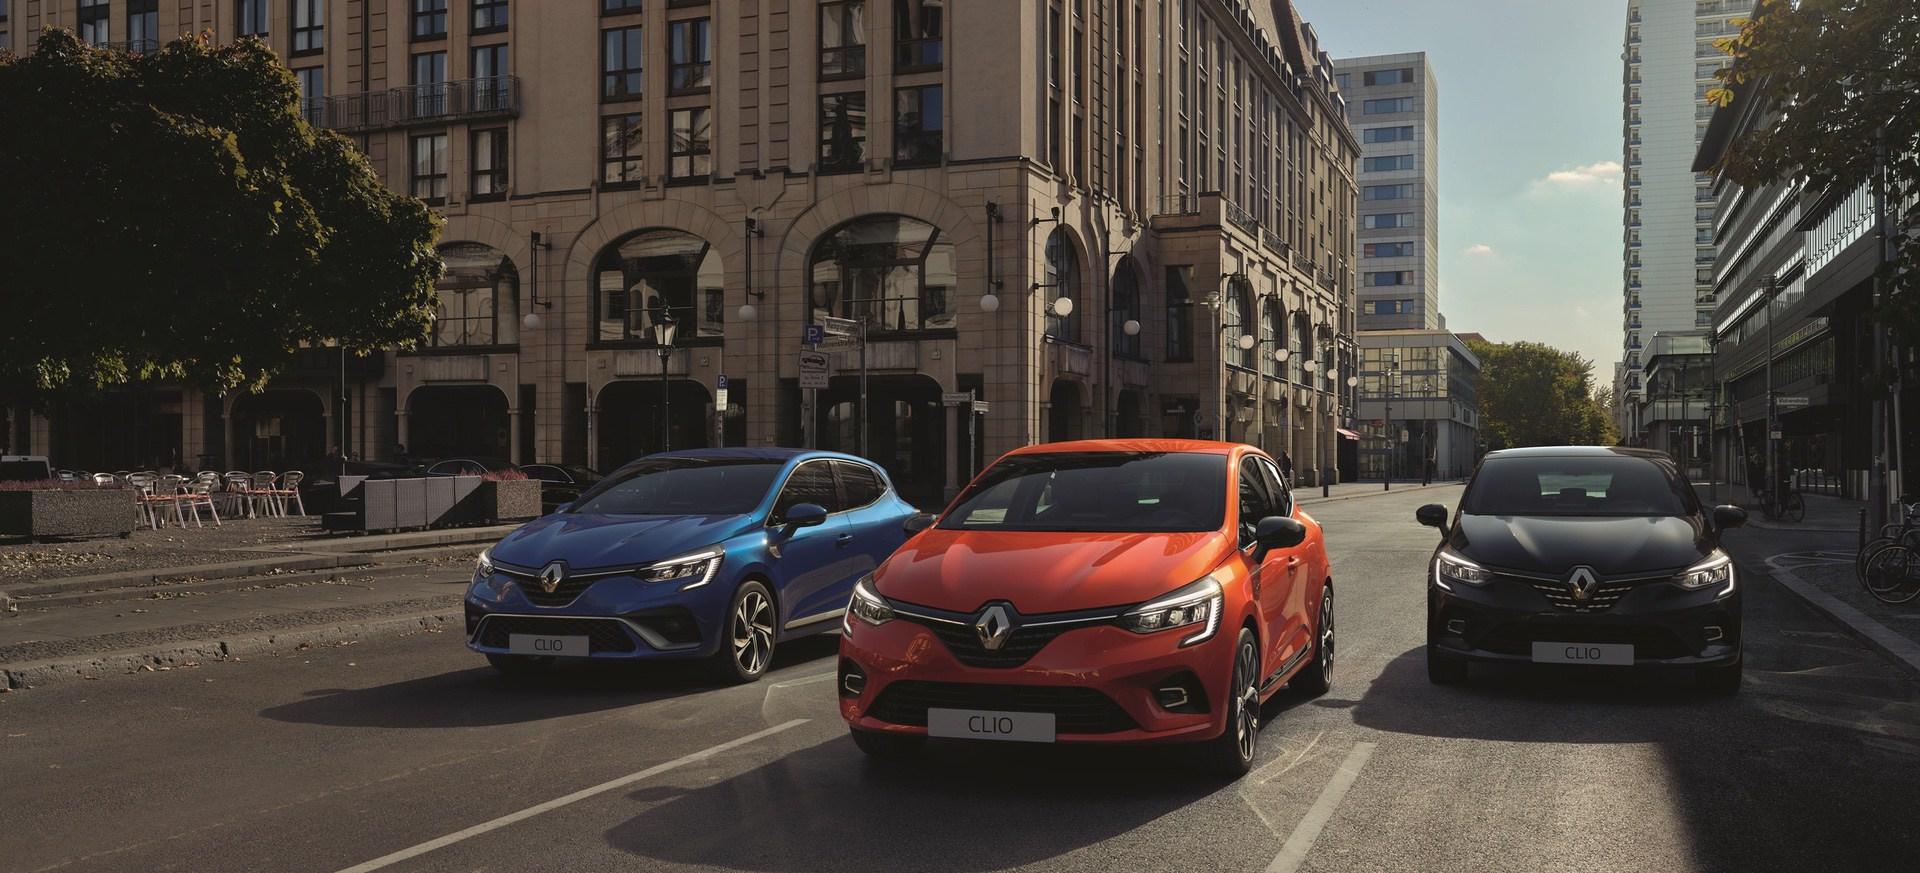 2019 - Renault Nouvelle CLIO